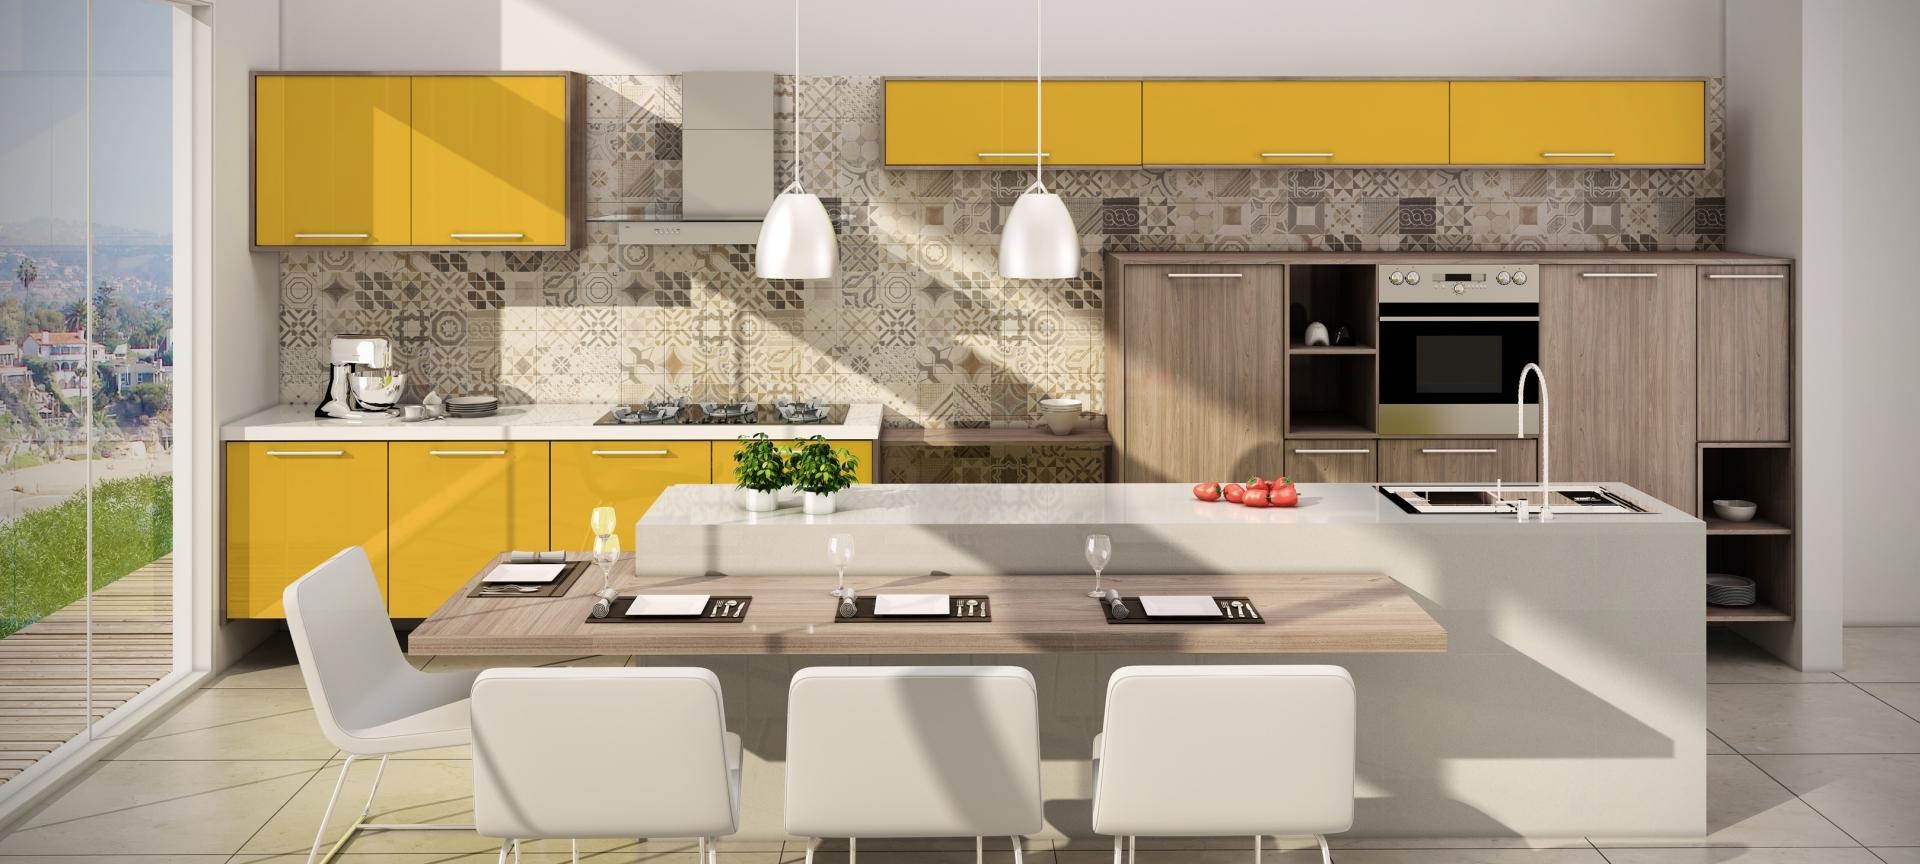 Onde Encontrar Móveis Planejados para Cozinha em São Bernardo do Campo - Empresa de Móveis Planejados